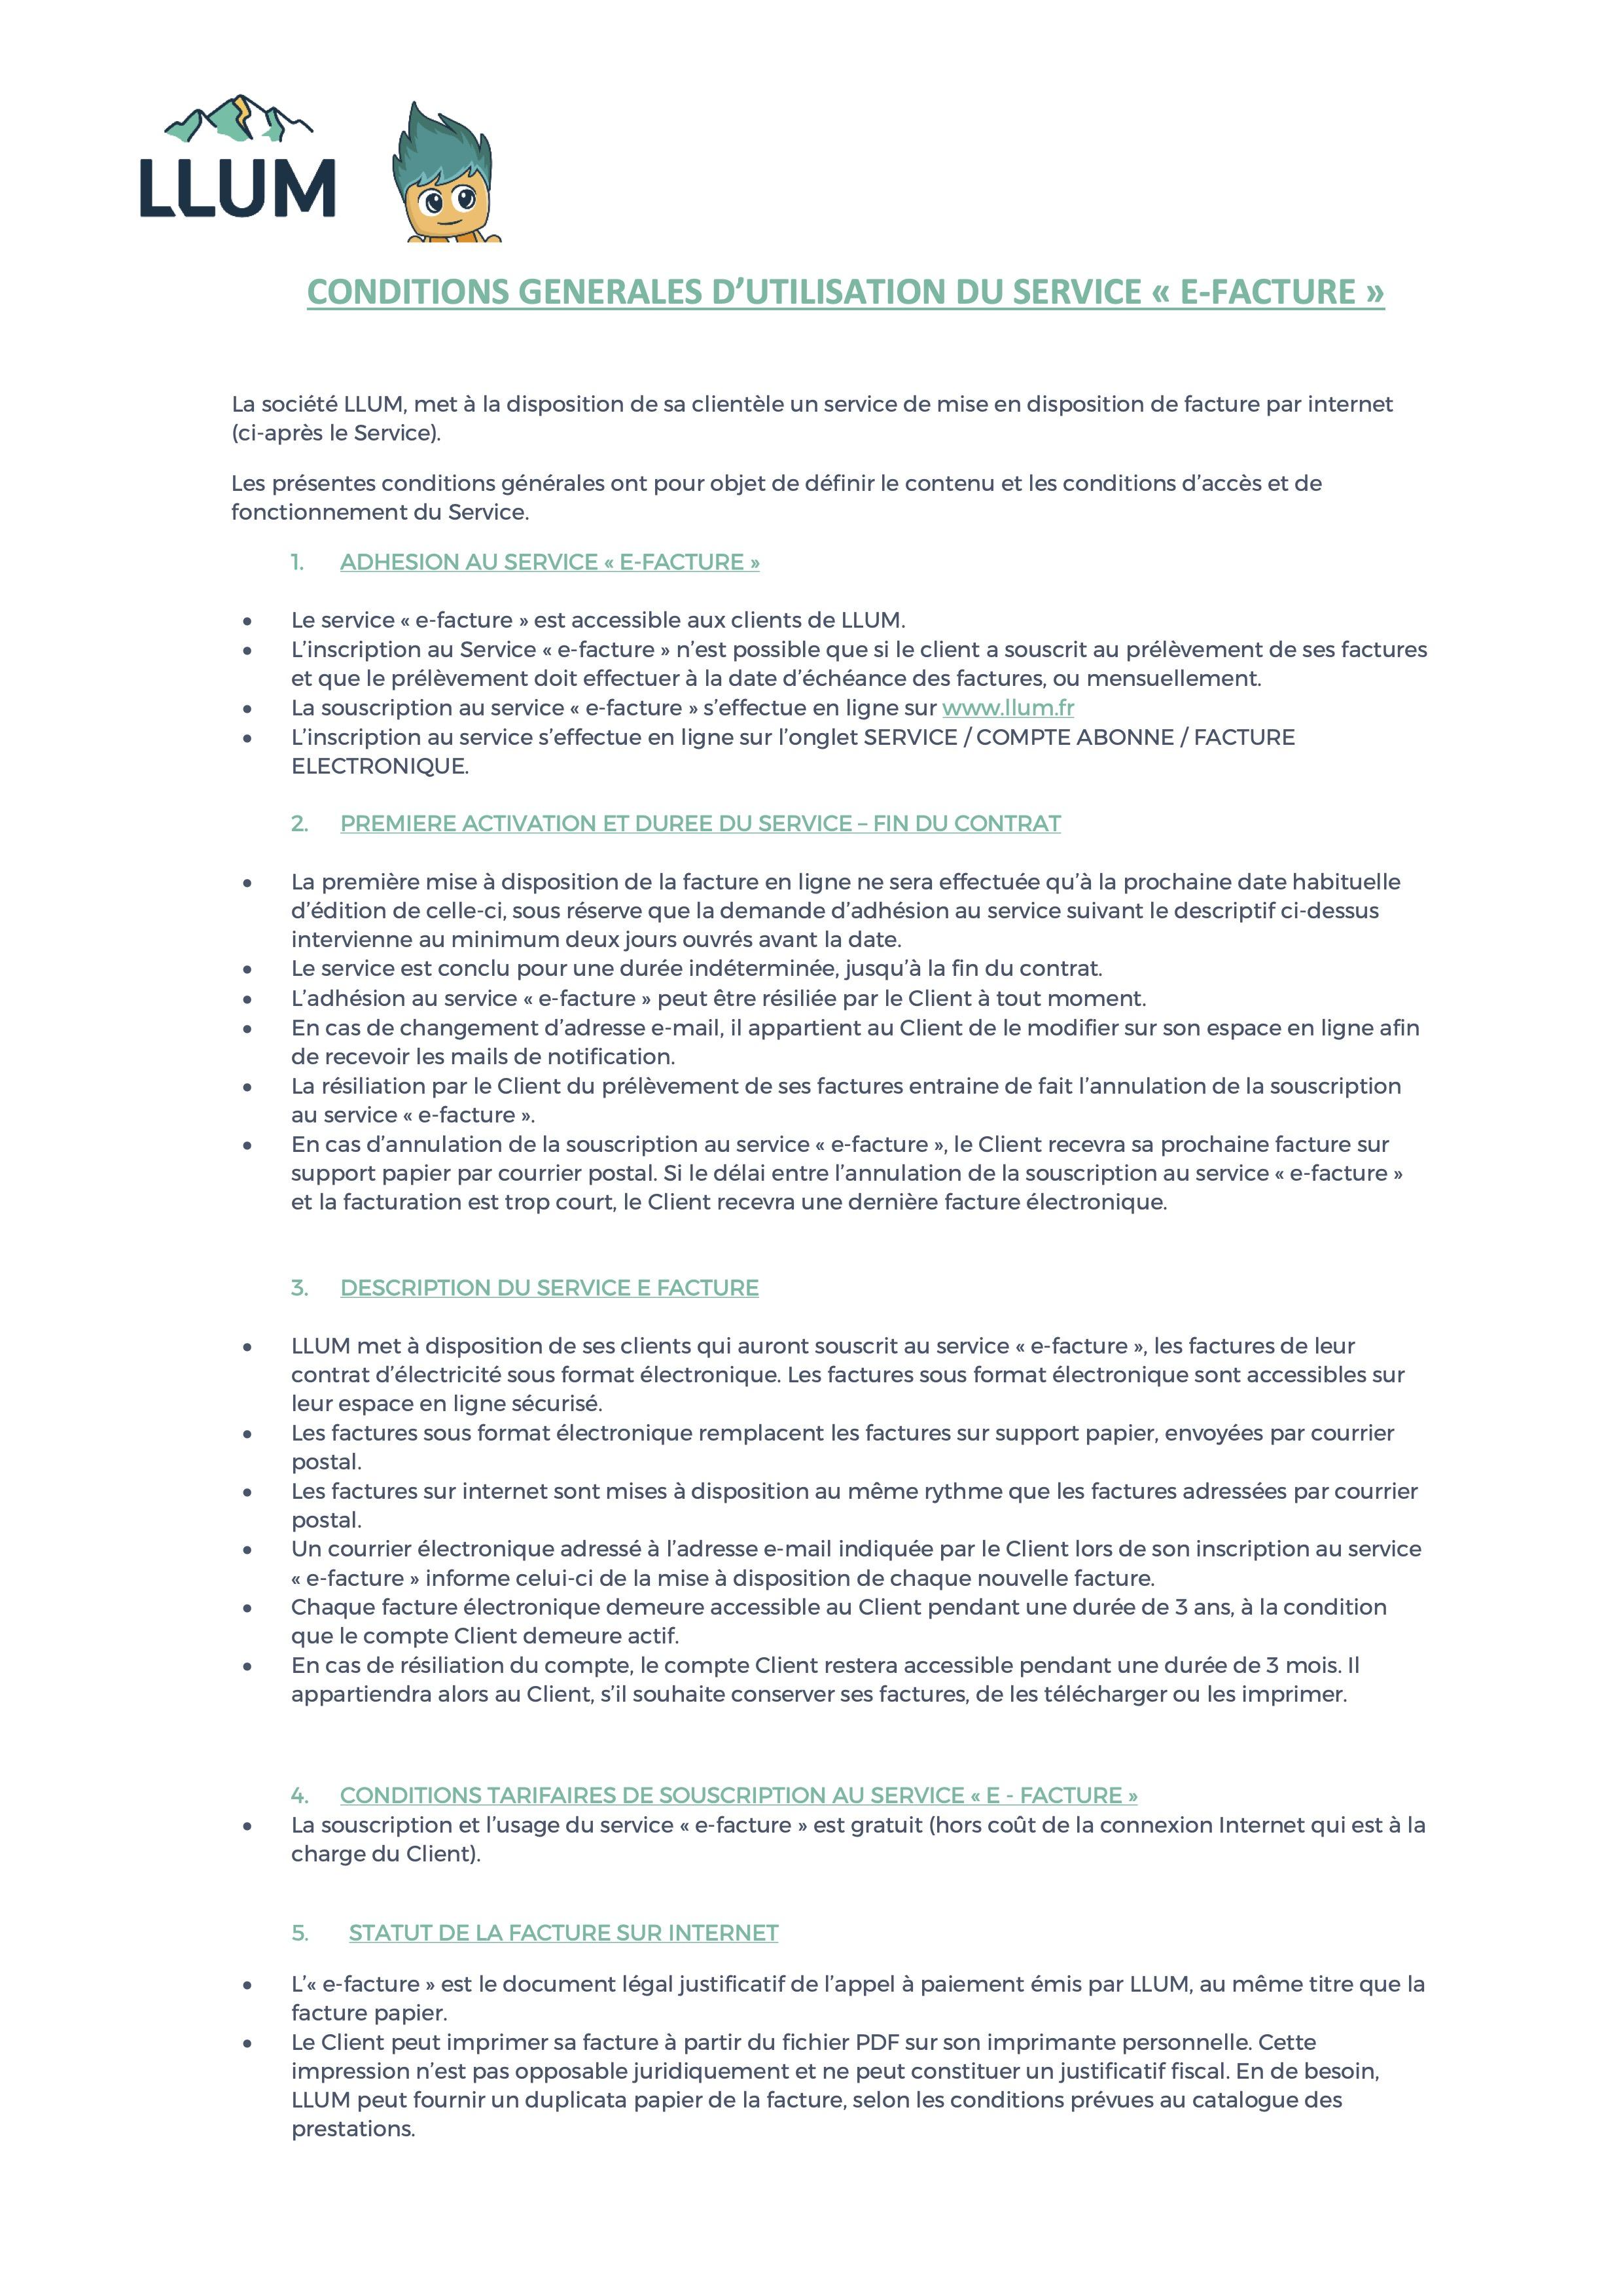 CONDITION-GENERALES-E-FACTURE (1)